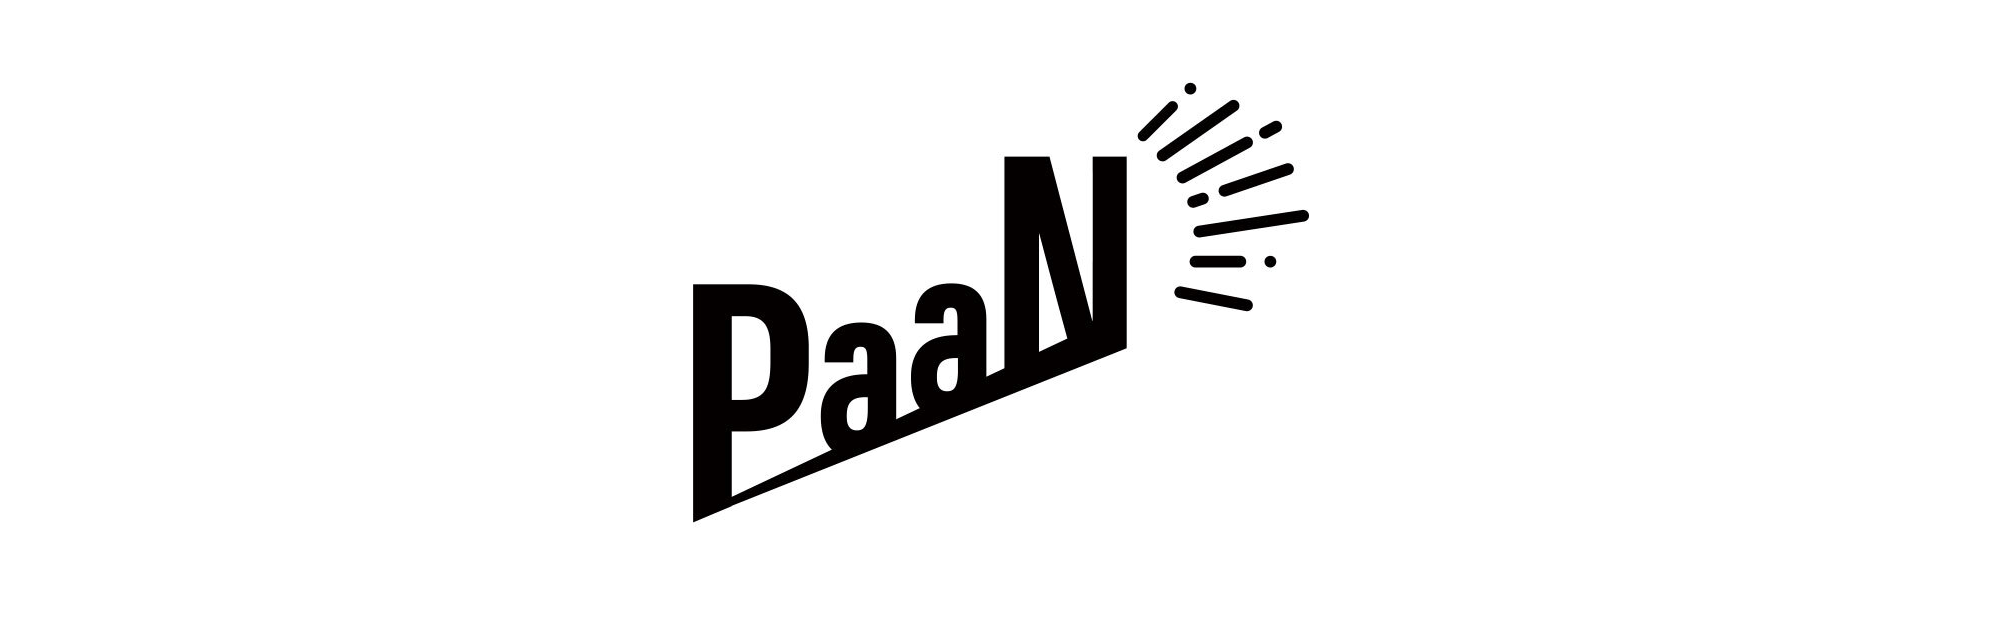 オンラインイベントを番組クオリティで実現するワンストップパッケージ「PaaN」スタート! 画像